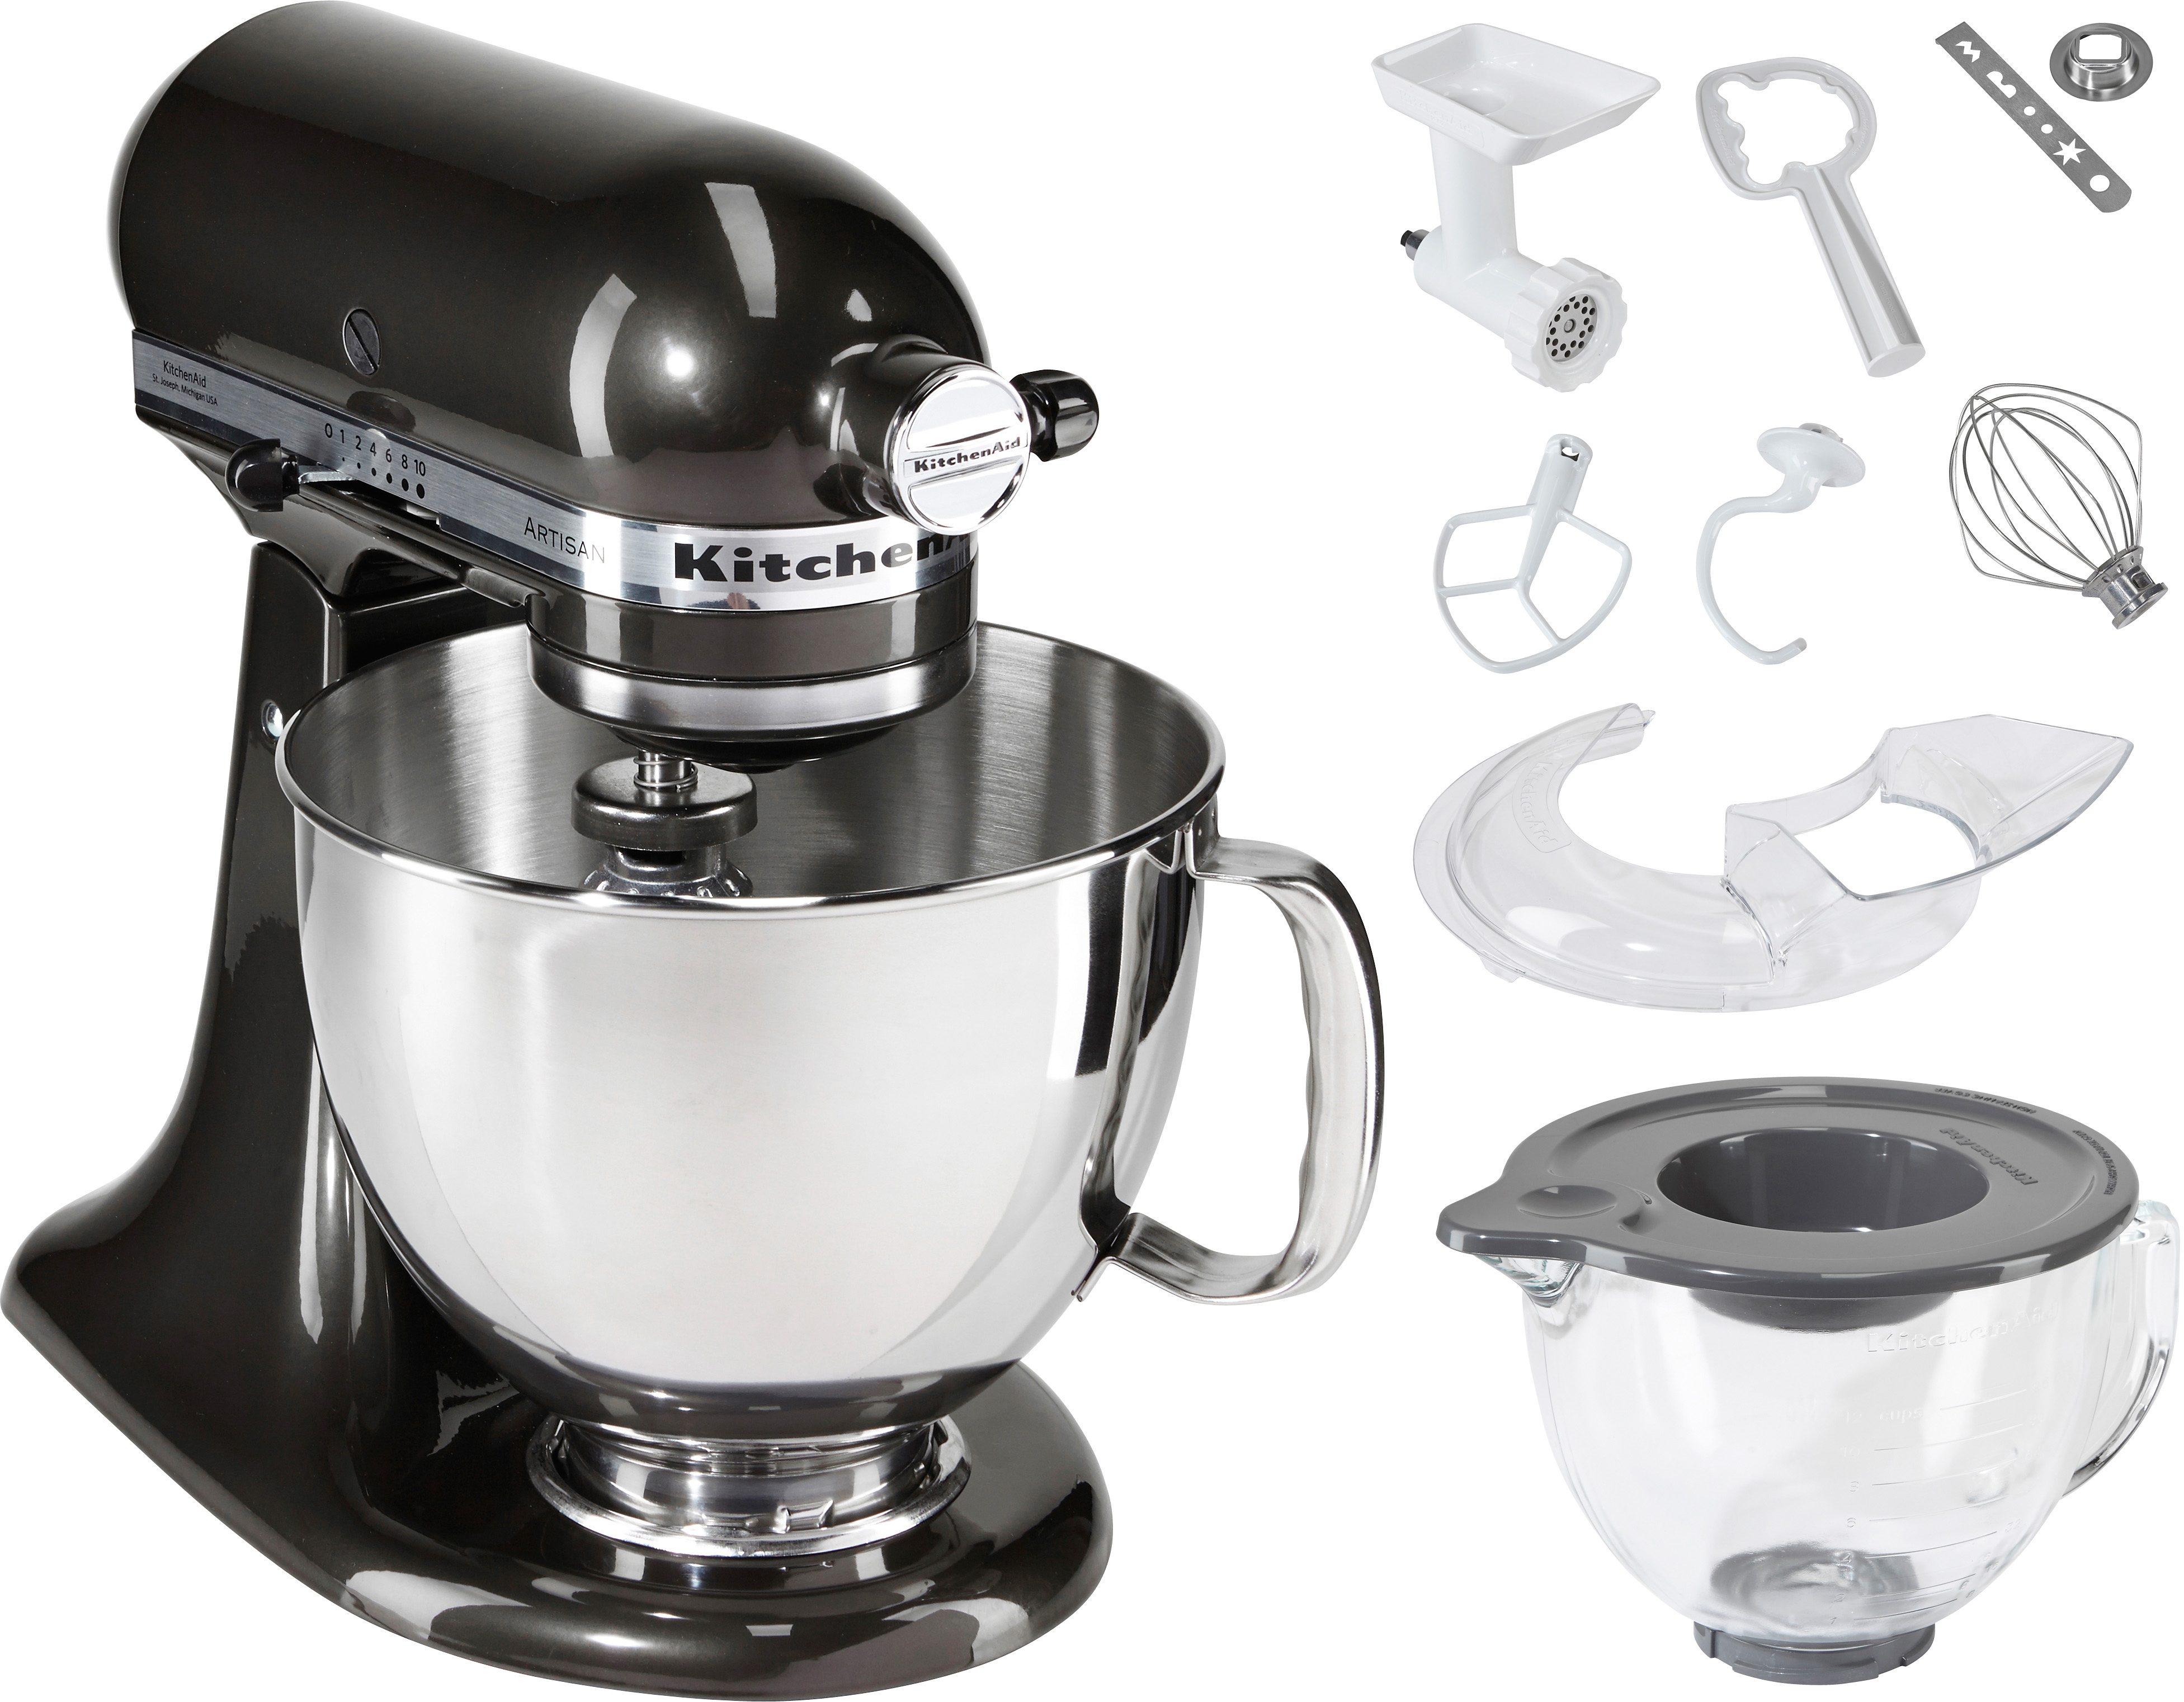 KitchenAid Küchenmaschine Artisan 5KSM156EBZ - mit Sonderzubehör im Wert von ca. 205,-€